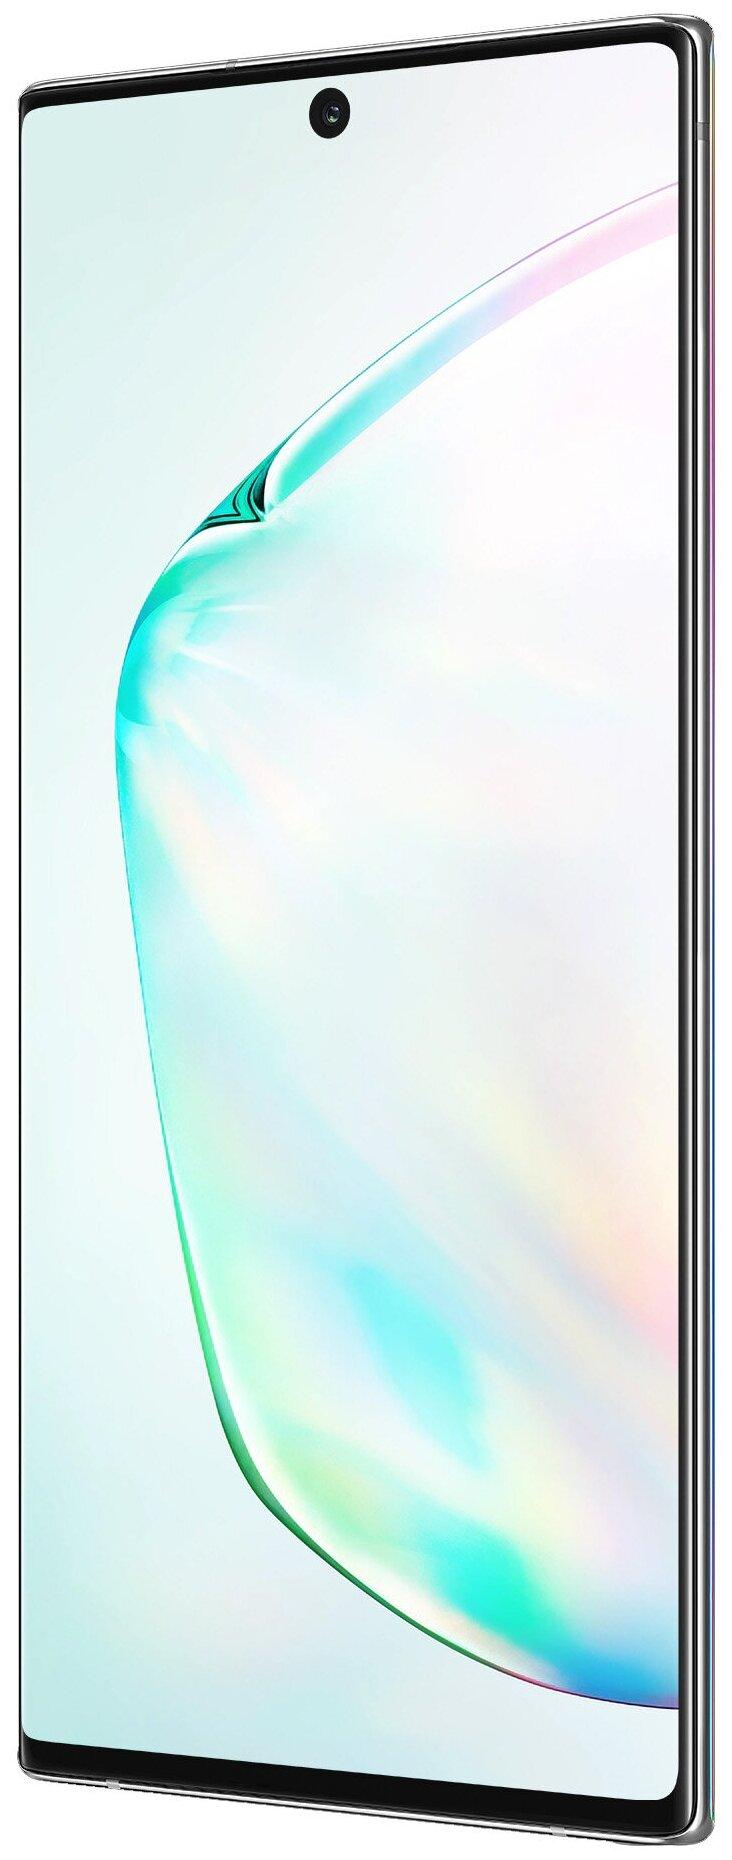 Фото #3: Samsung Galaxy Note 10+ 12/256GB